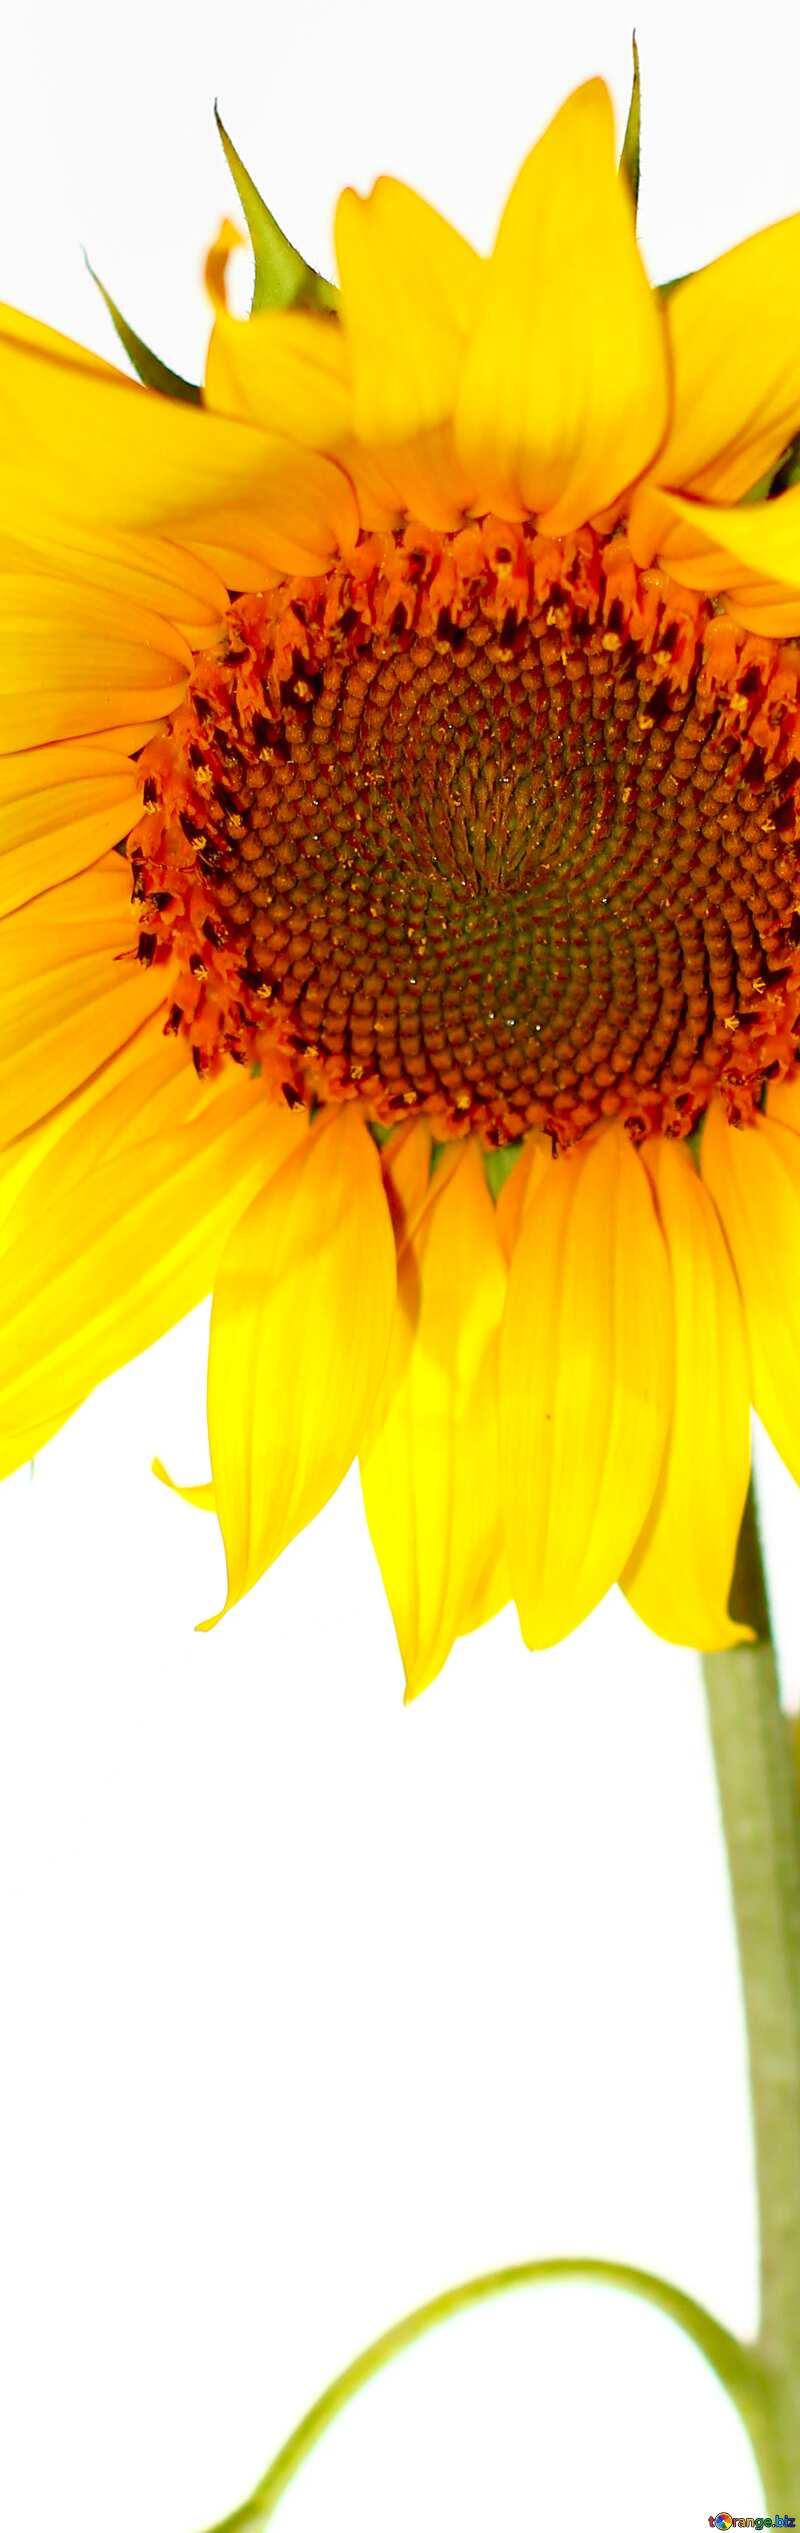 Sunflower vertical banner  background №32791